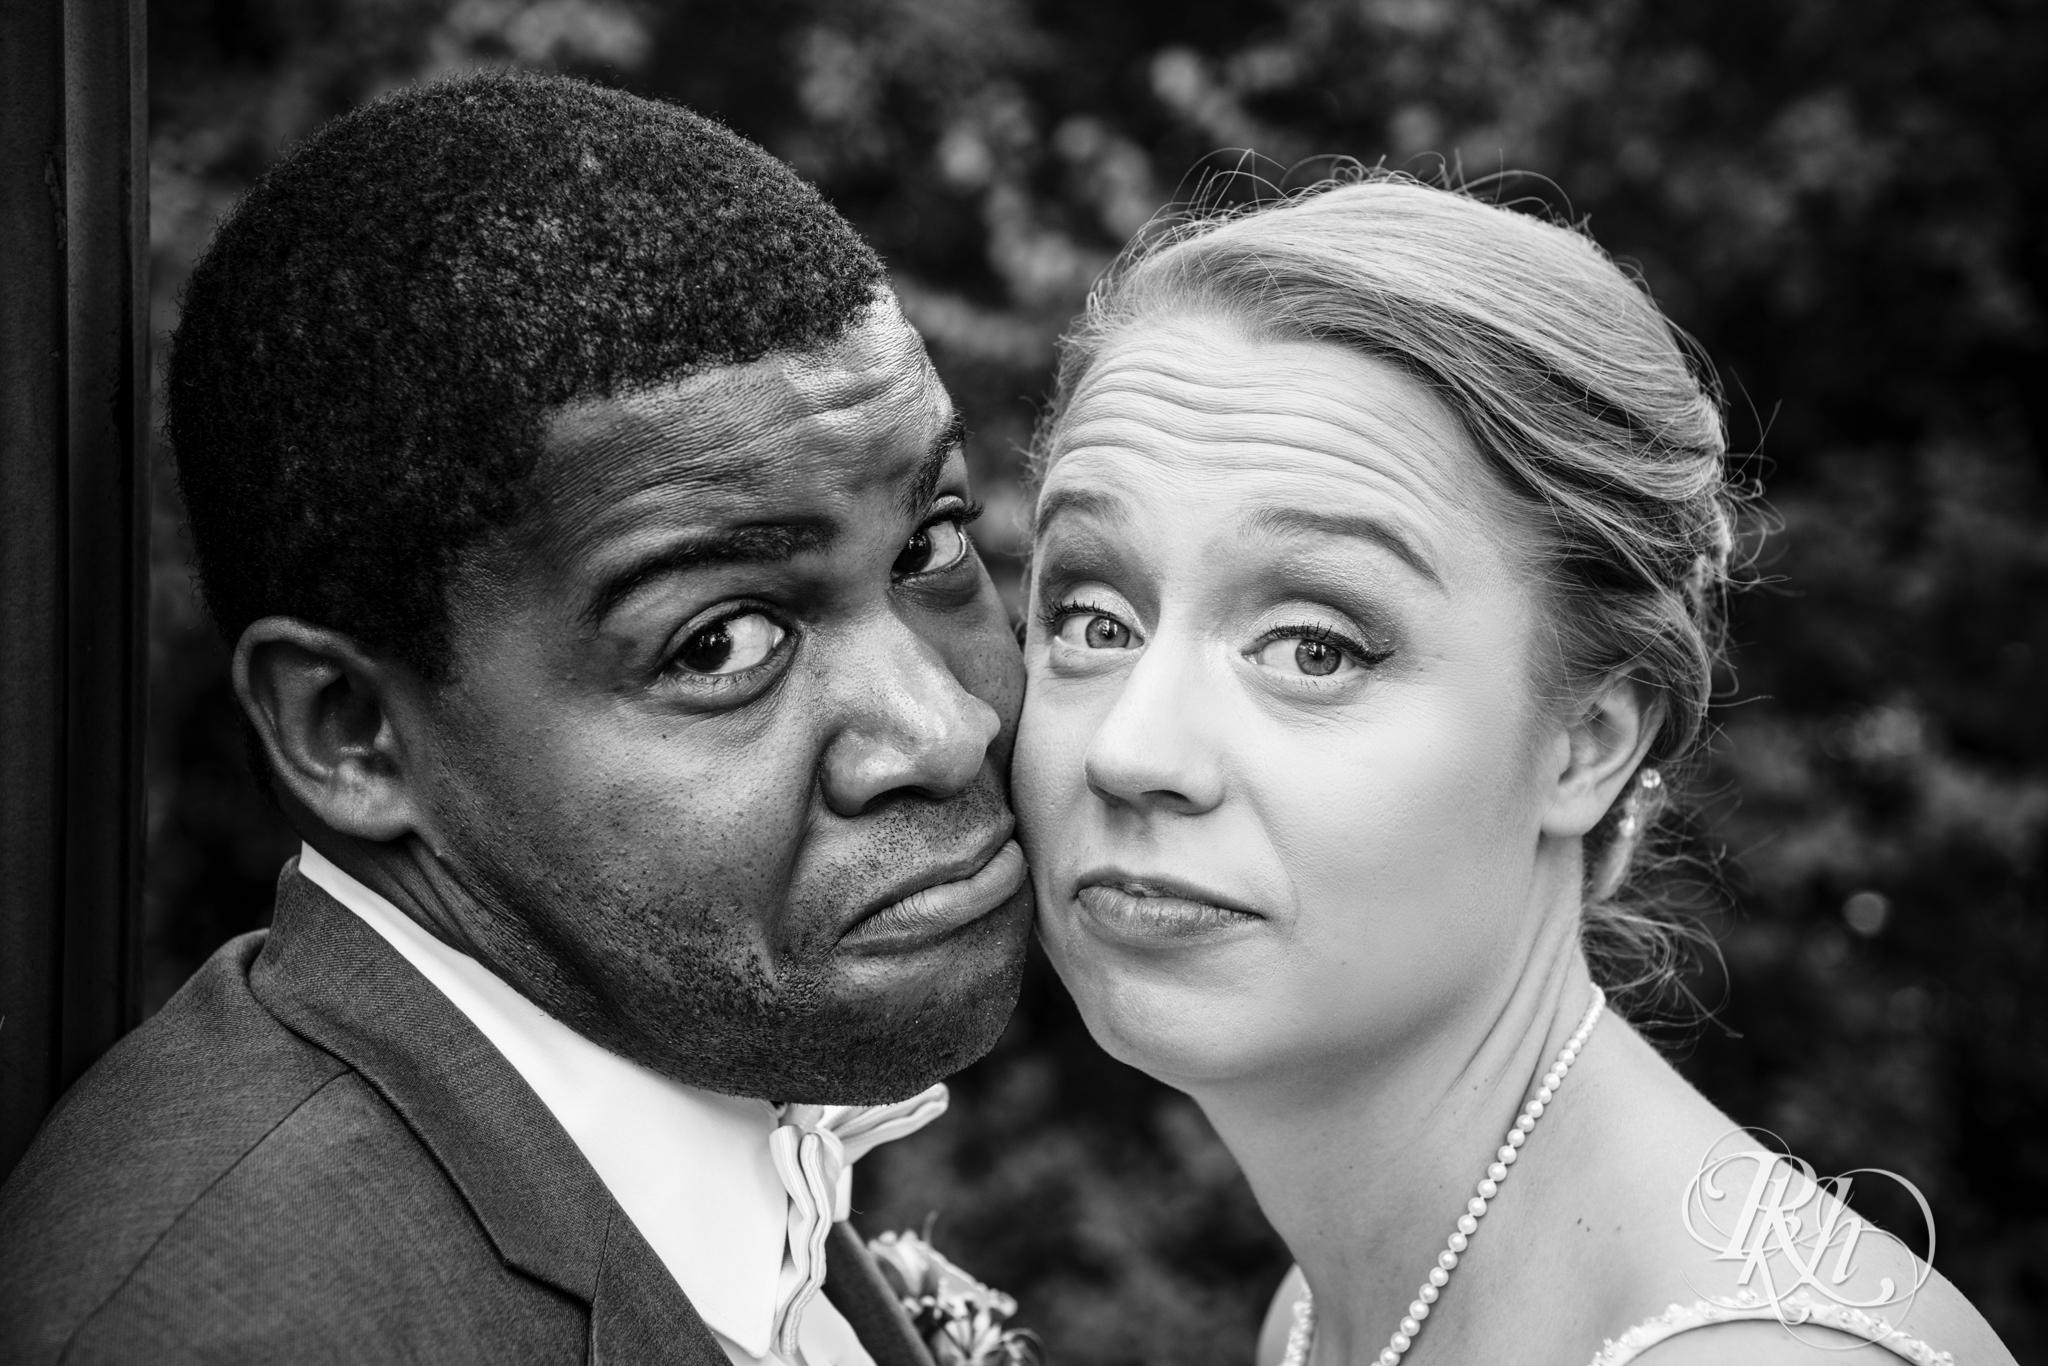 Laura and Adekunle - Minnesota Wedding Photographer - Minnesota History Center - RKH Images - Blog (34 of 75).jpg